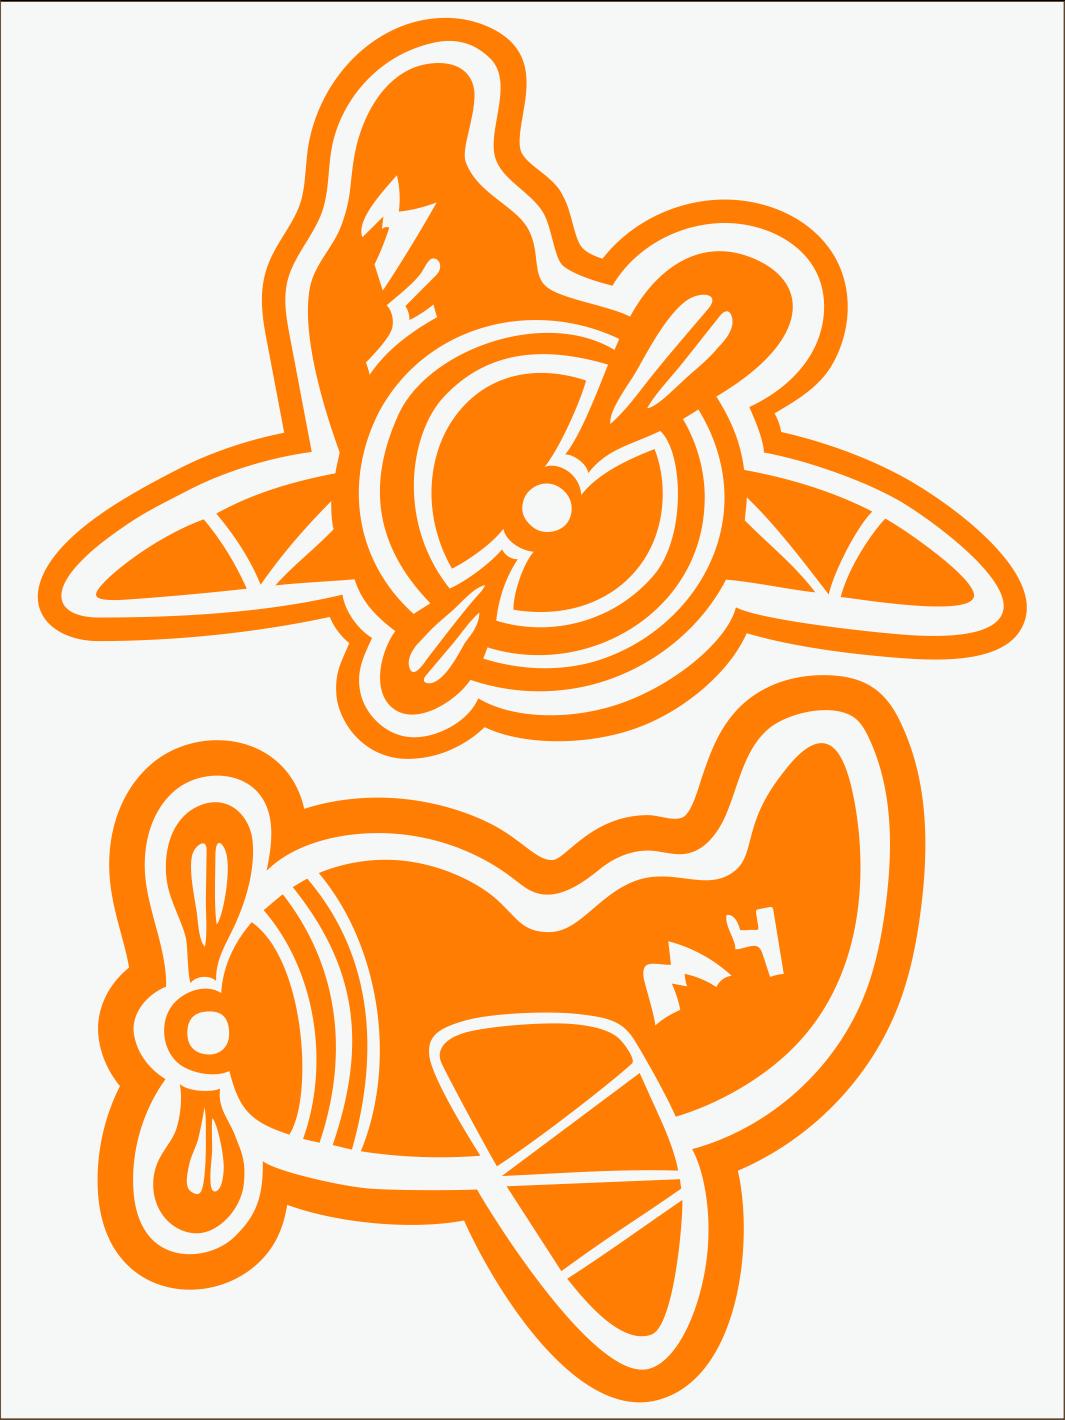 Lietadlo neon oranžový